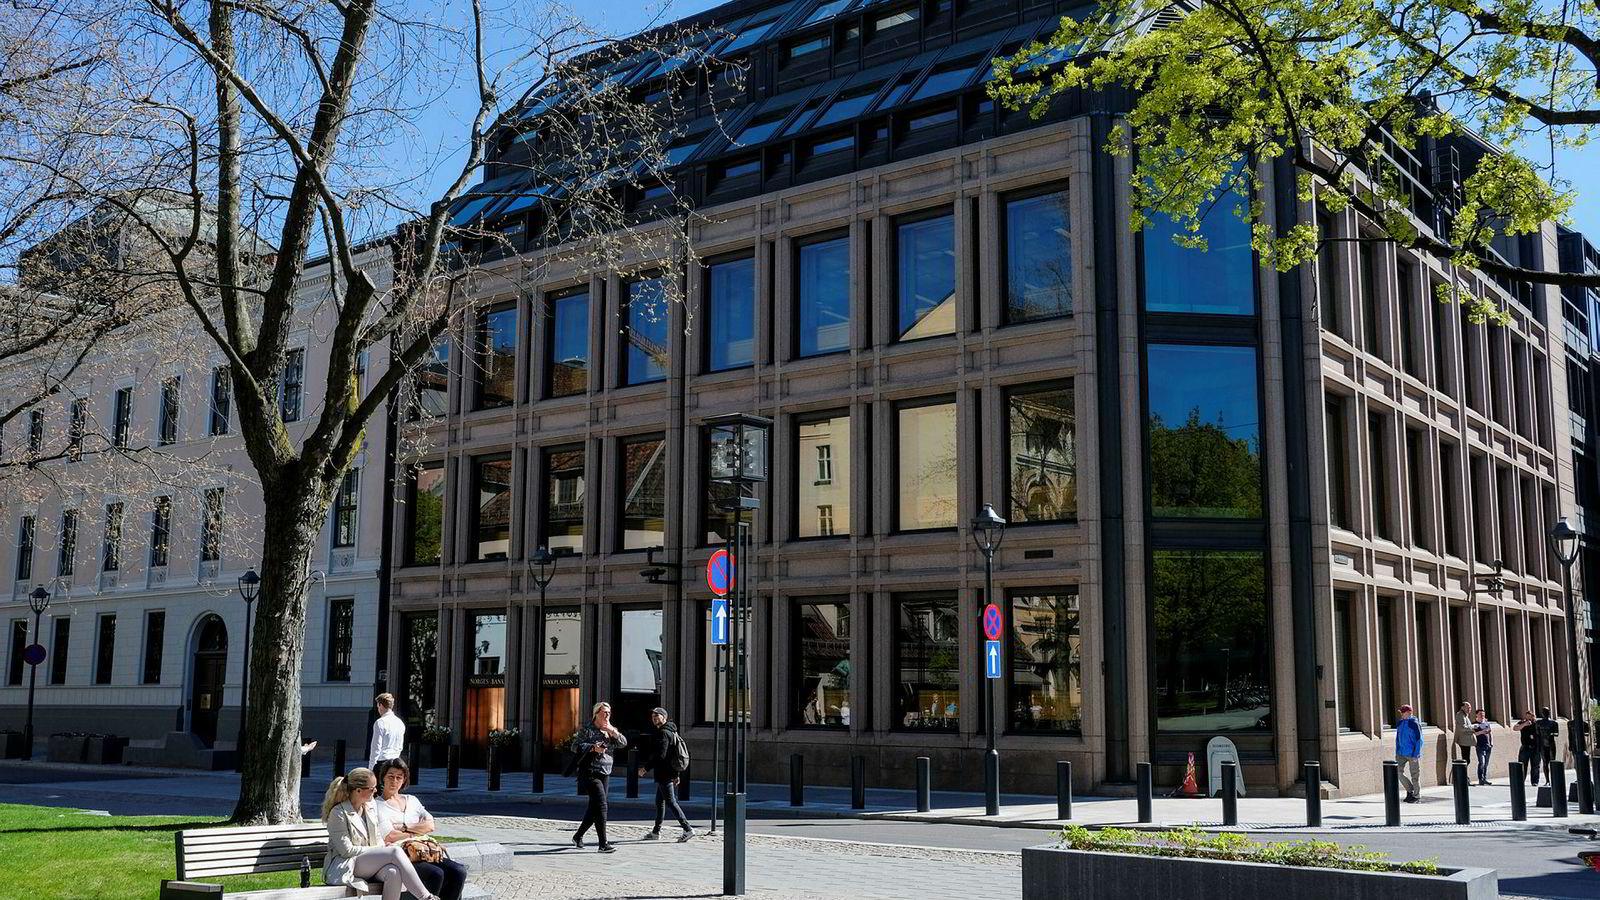 Norges Bank har varslet renteøkninger i september. Det er ikke noe nytt. Norges Bank har en lang tradisjon for å avlyse disse. Denne gangen er det imidlertid mer grunn til å ta prognosene alvorlig, skriver Roger Bjørnstad.